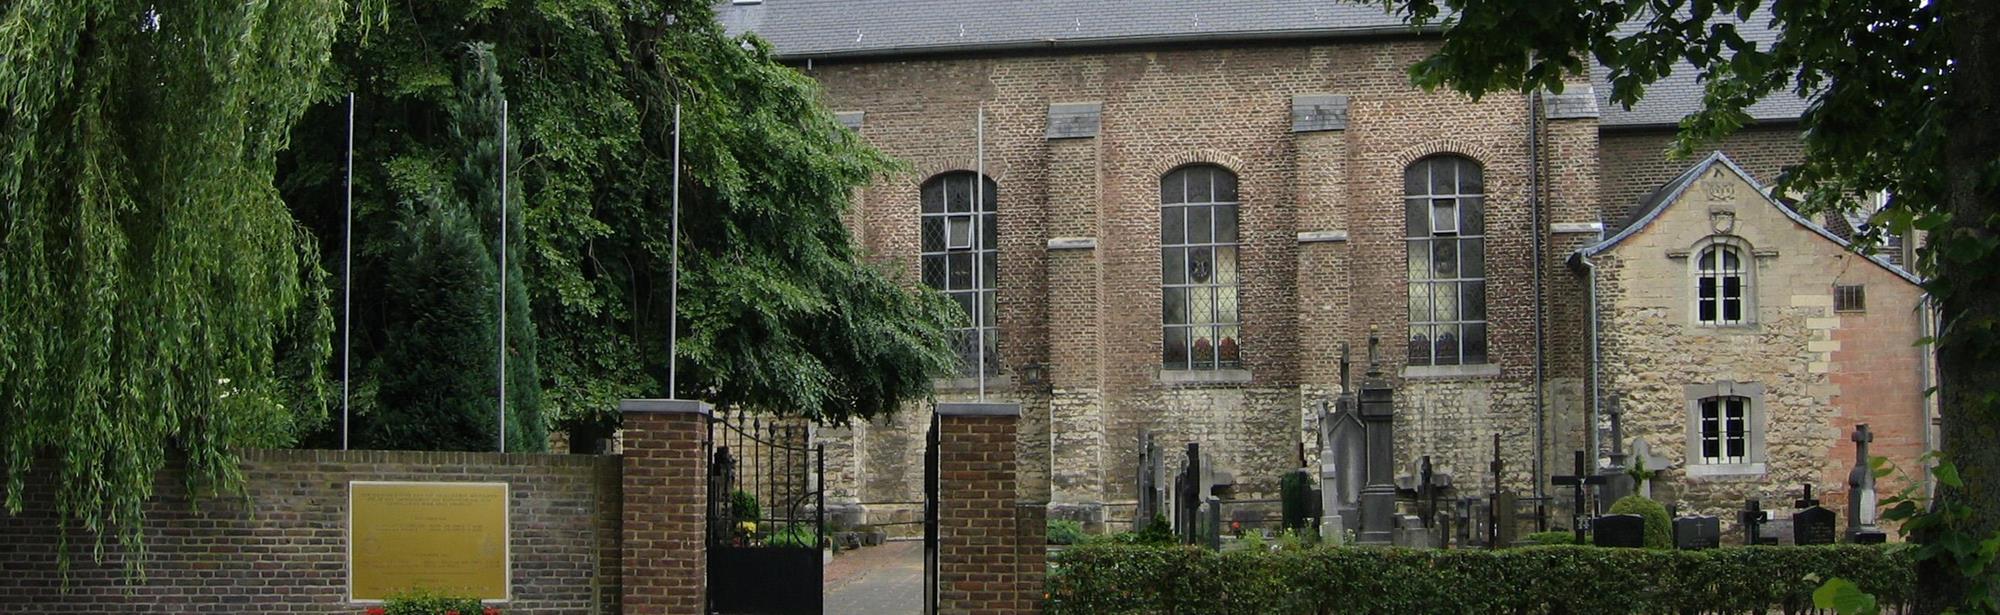 St. Stephanuskerk